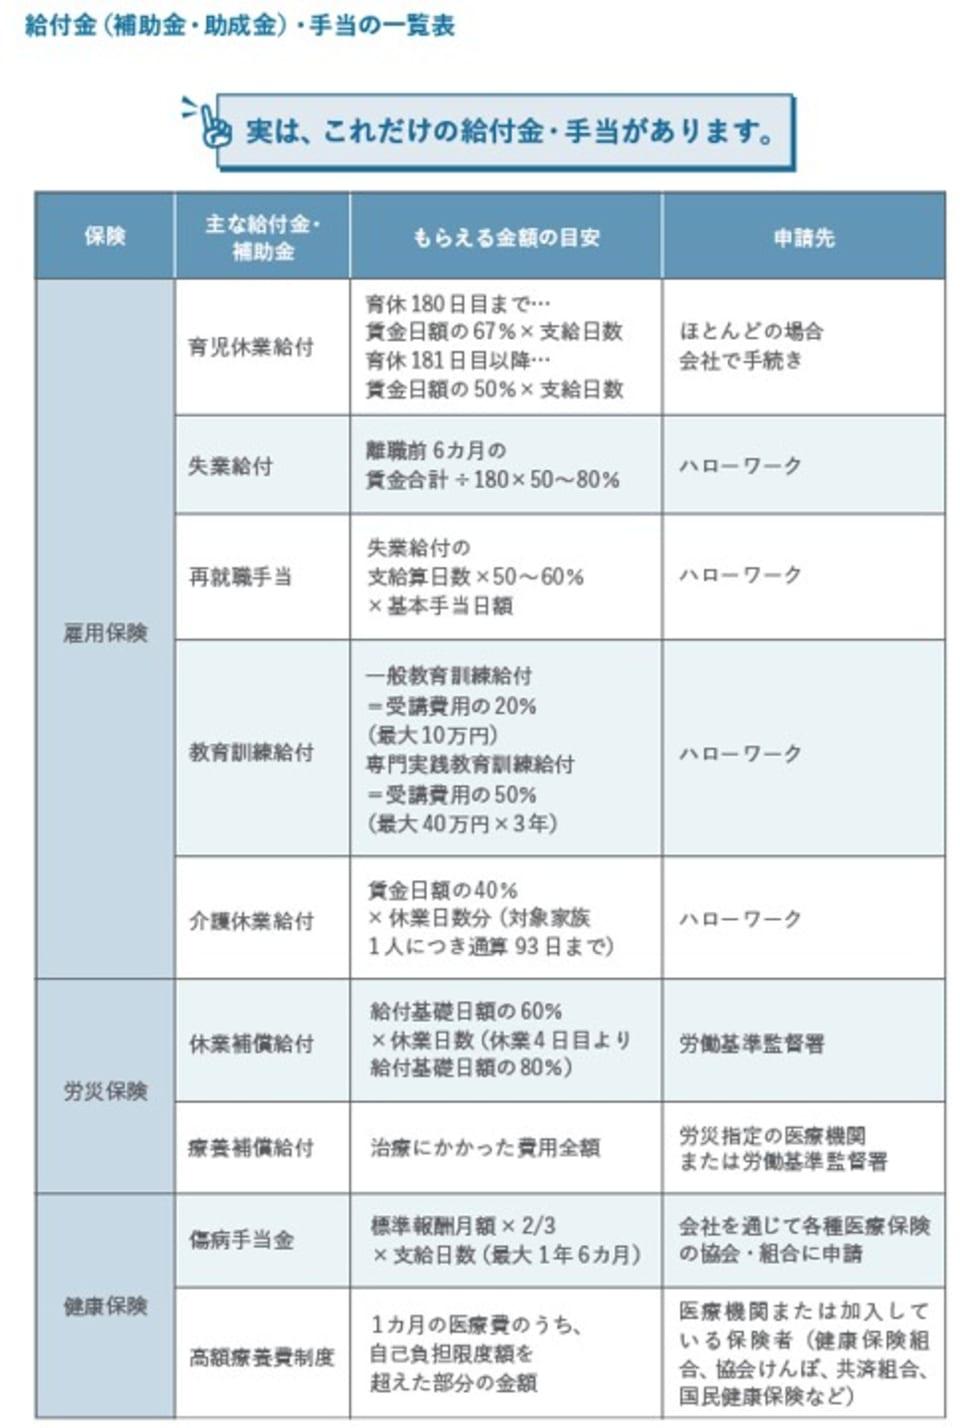 1_給付金(補助金・助成金)・手当の一覧表